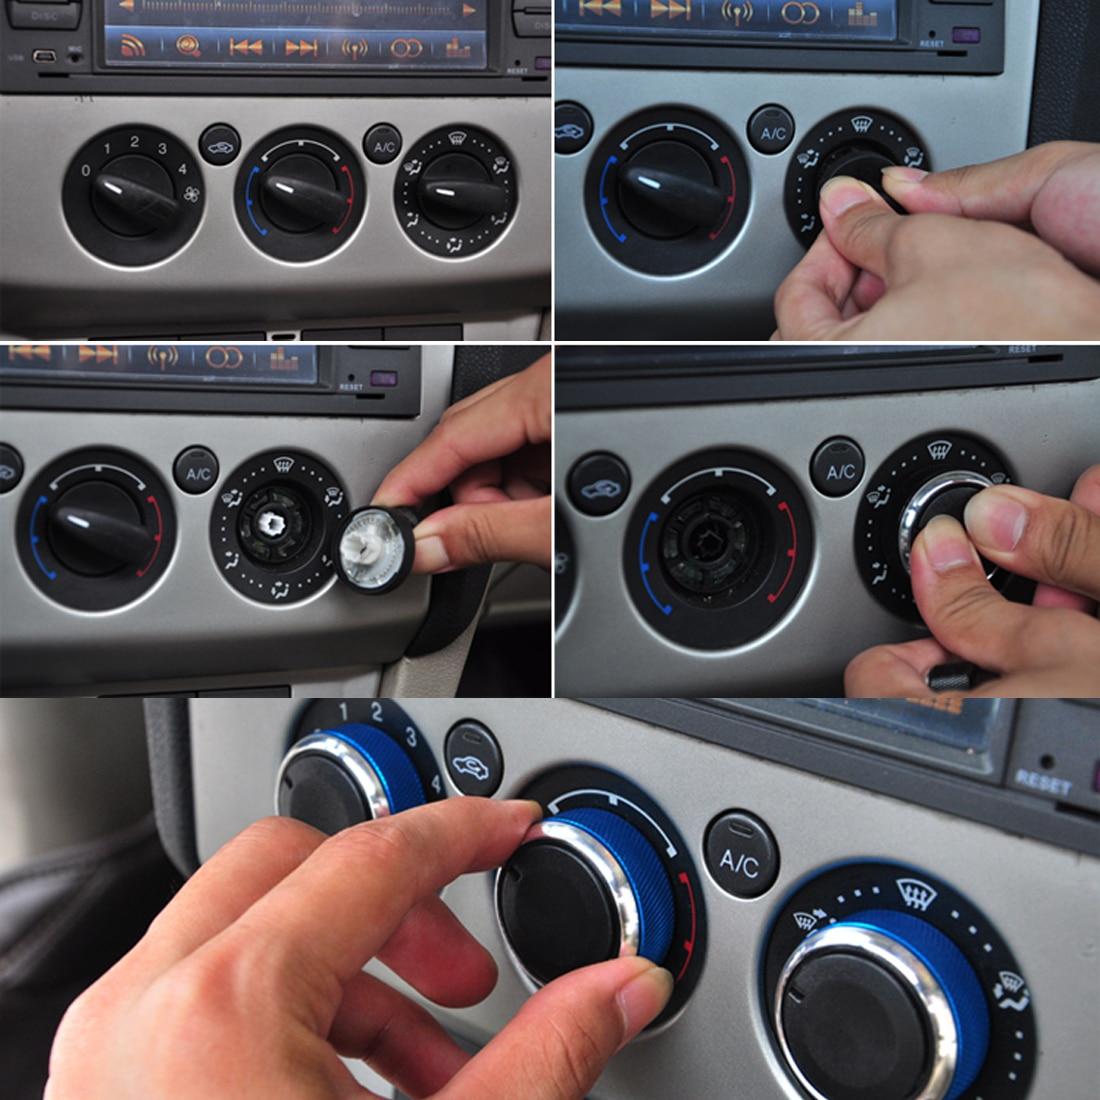 Dewtreetali 3 unids/lote para FORD FOCUS Mondeo, interruptor de aire acondicionado, Mando de CA, cubierta de Control de calor del coche para focus 2 focus 3